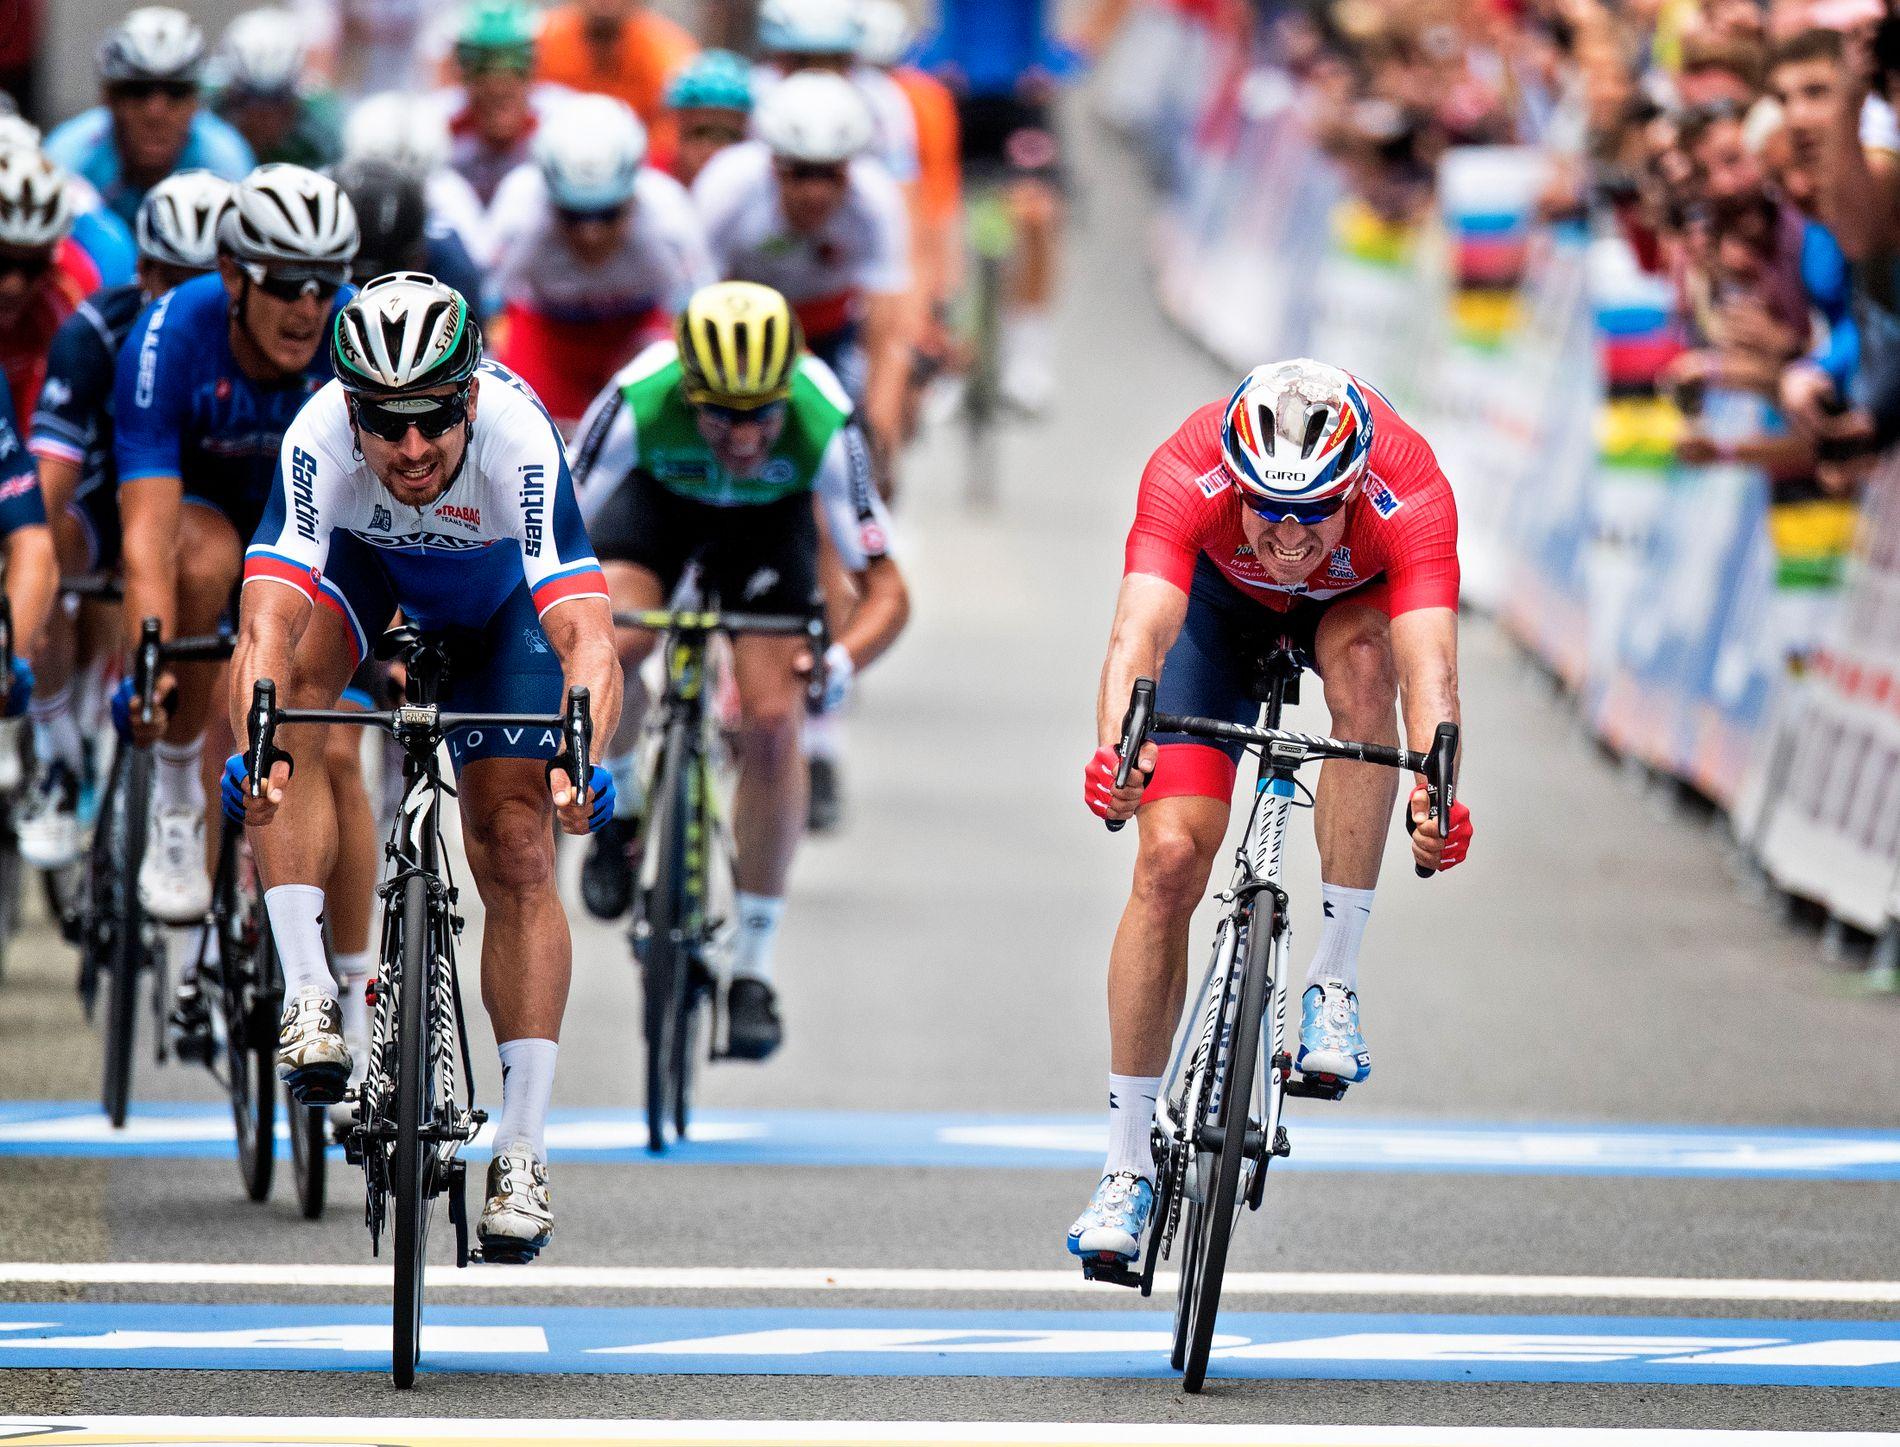 GULL-NEDERLAG: Alexander Kristoff ble toer etter å ha blitt spurtslått av Peter Sagan i Bergen. Etterpå har stort sett alt handlet om økonomi etter mesterskapet.